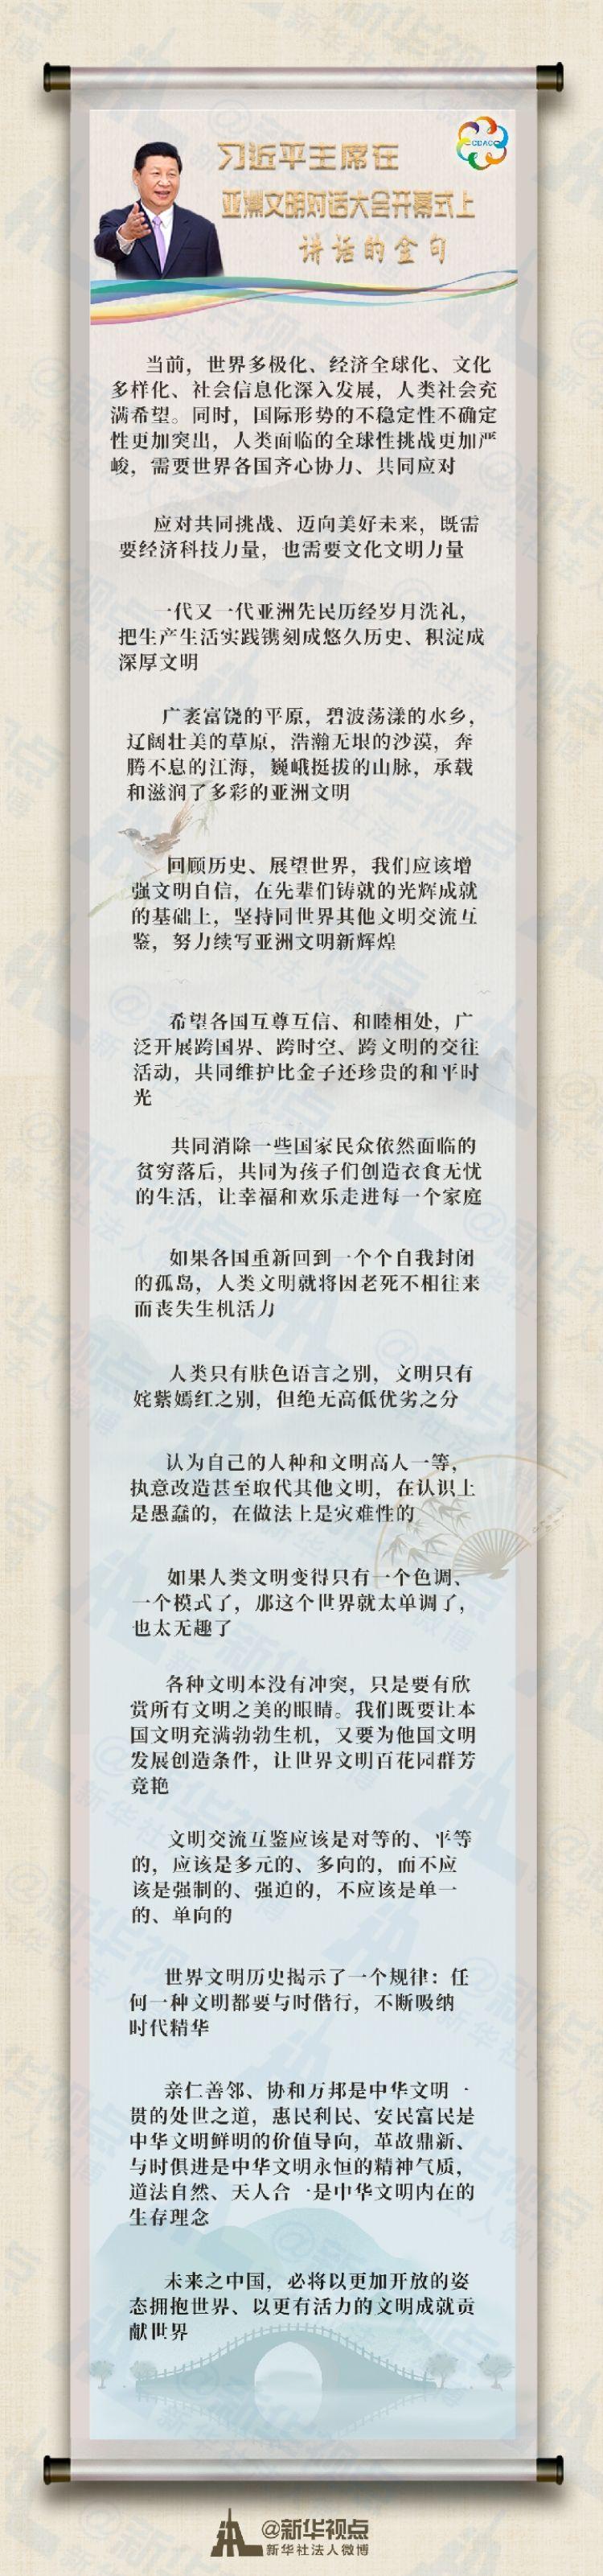 国家主席习近平在亚洲文明对话大会开幕式上的讲话金句